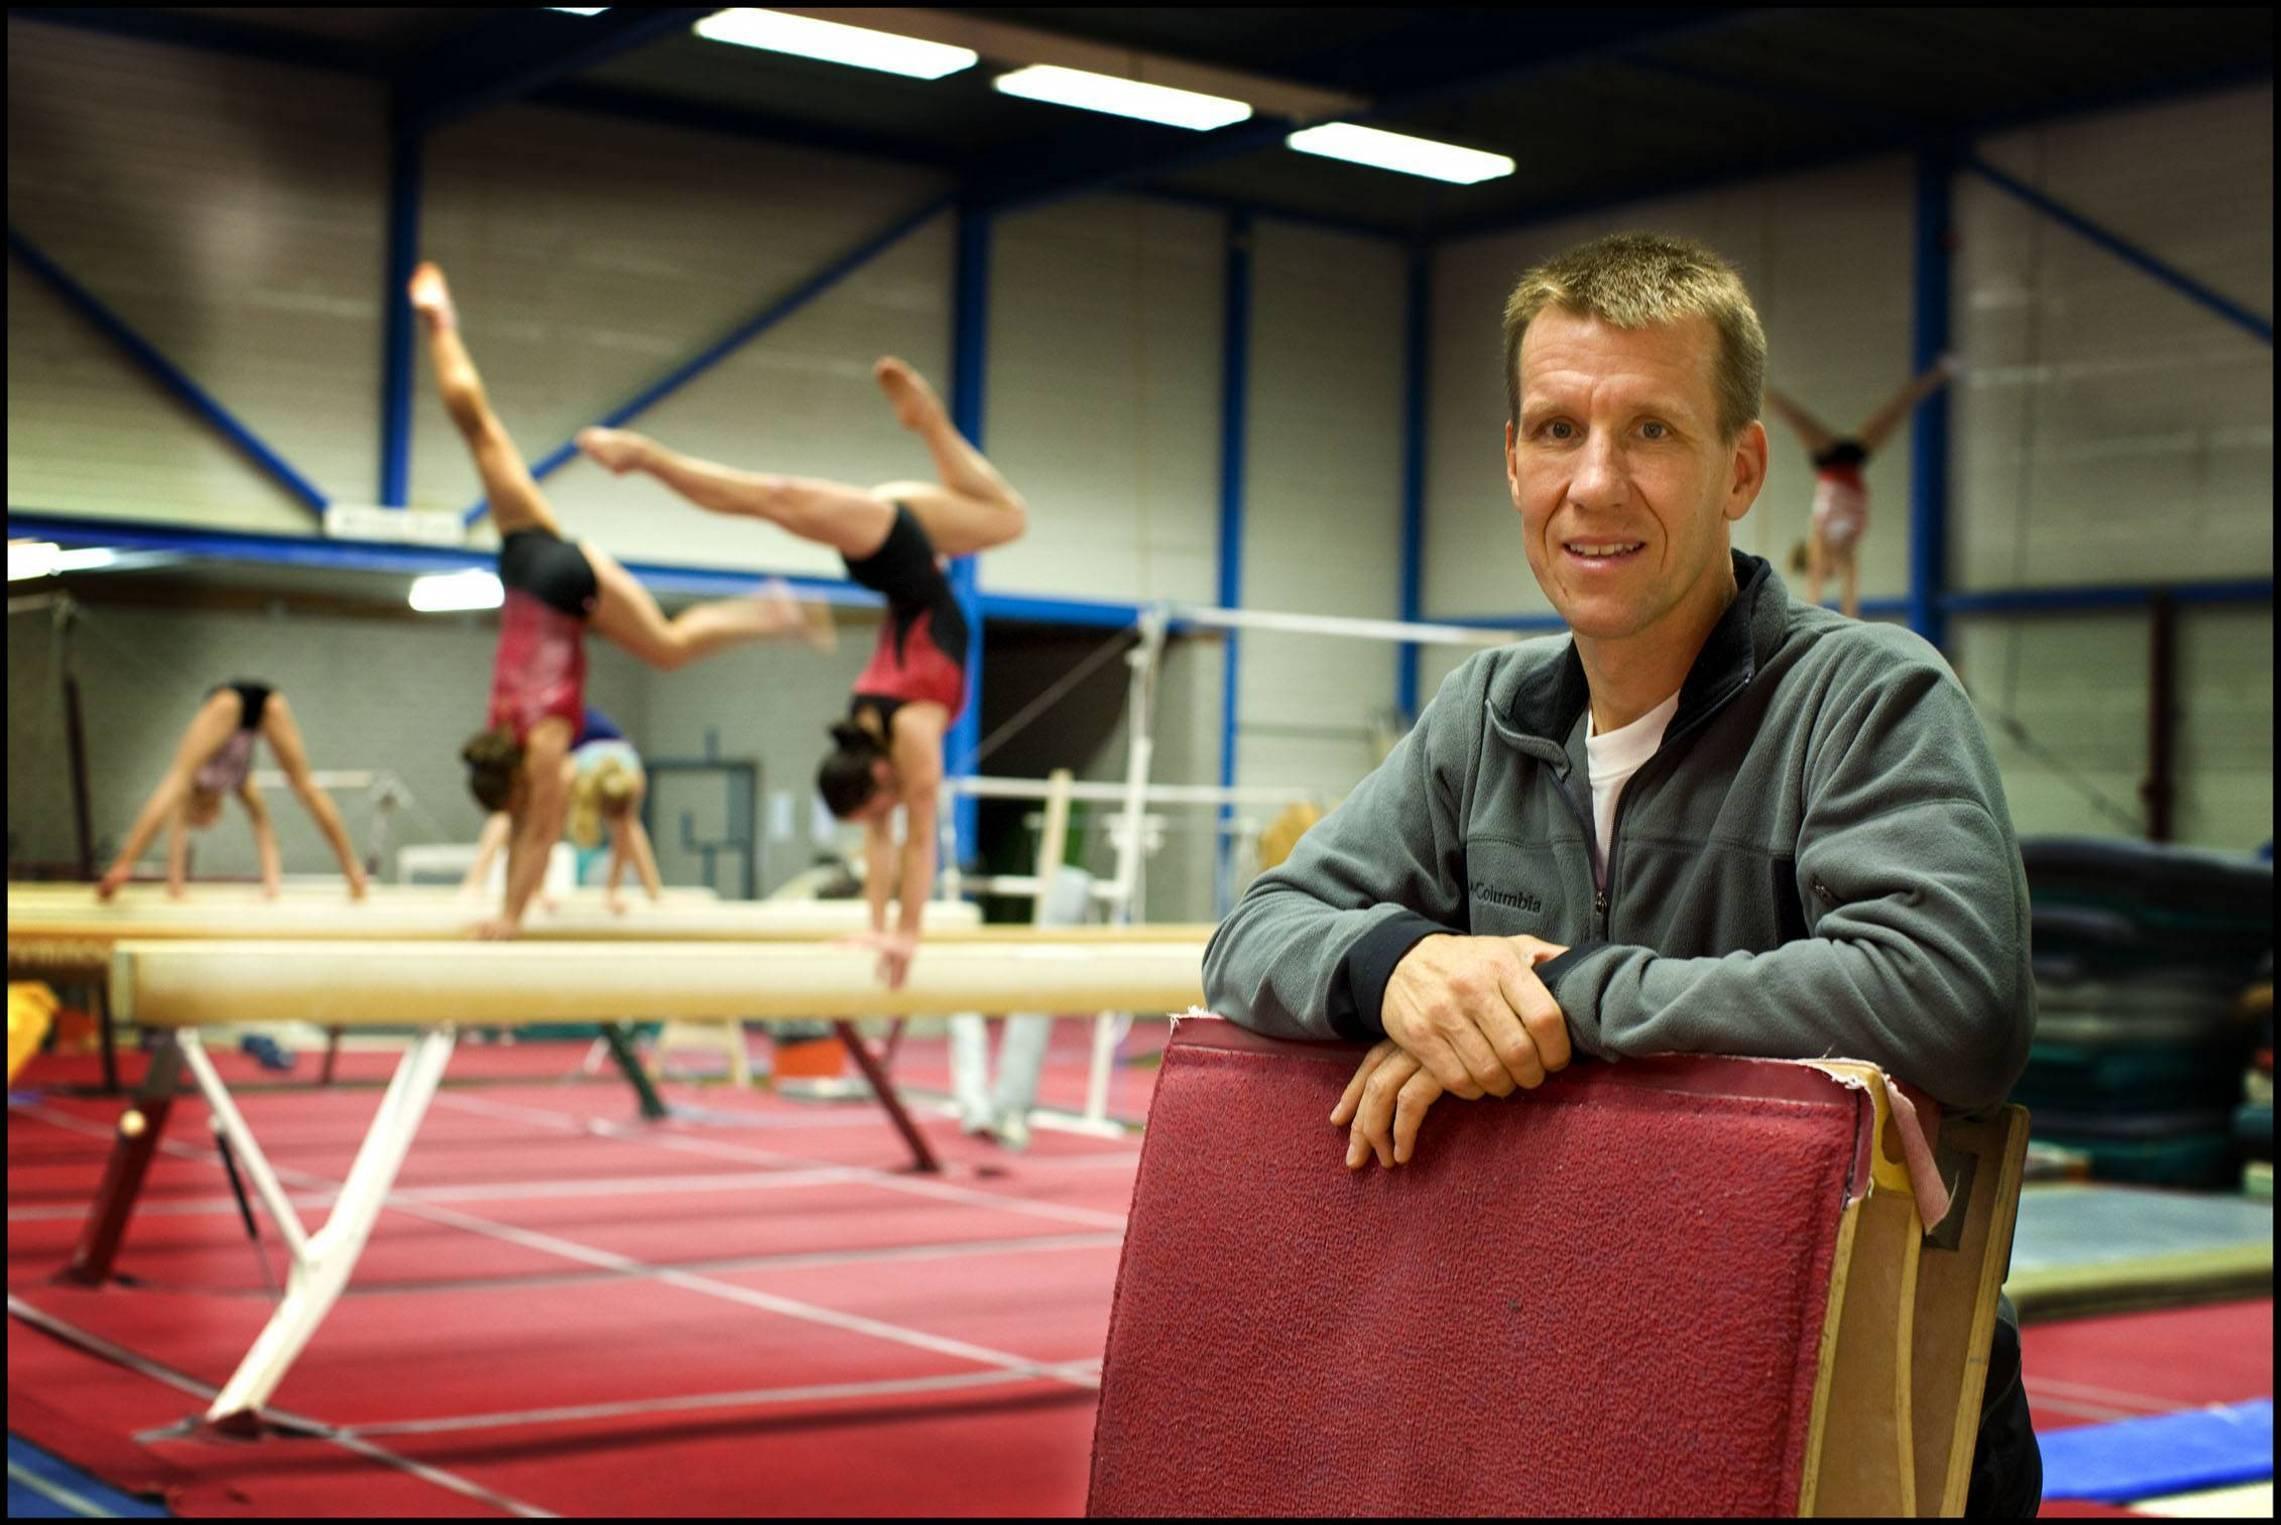 Turnbond doet trainers Frank Louter en Patrick Kiens in de ban. Verschil van inzicht over noodzaak tot cultuurverandering